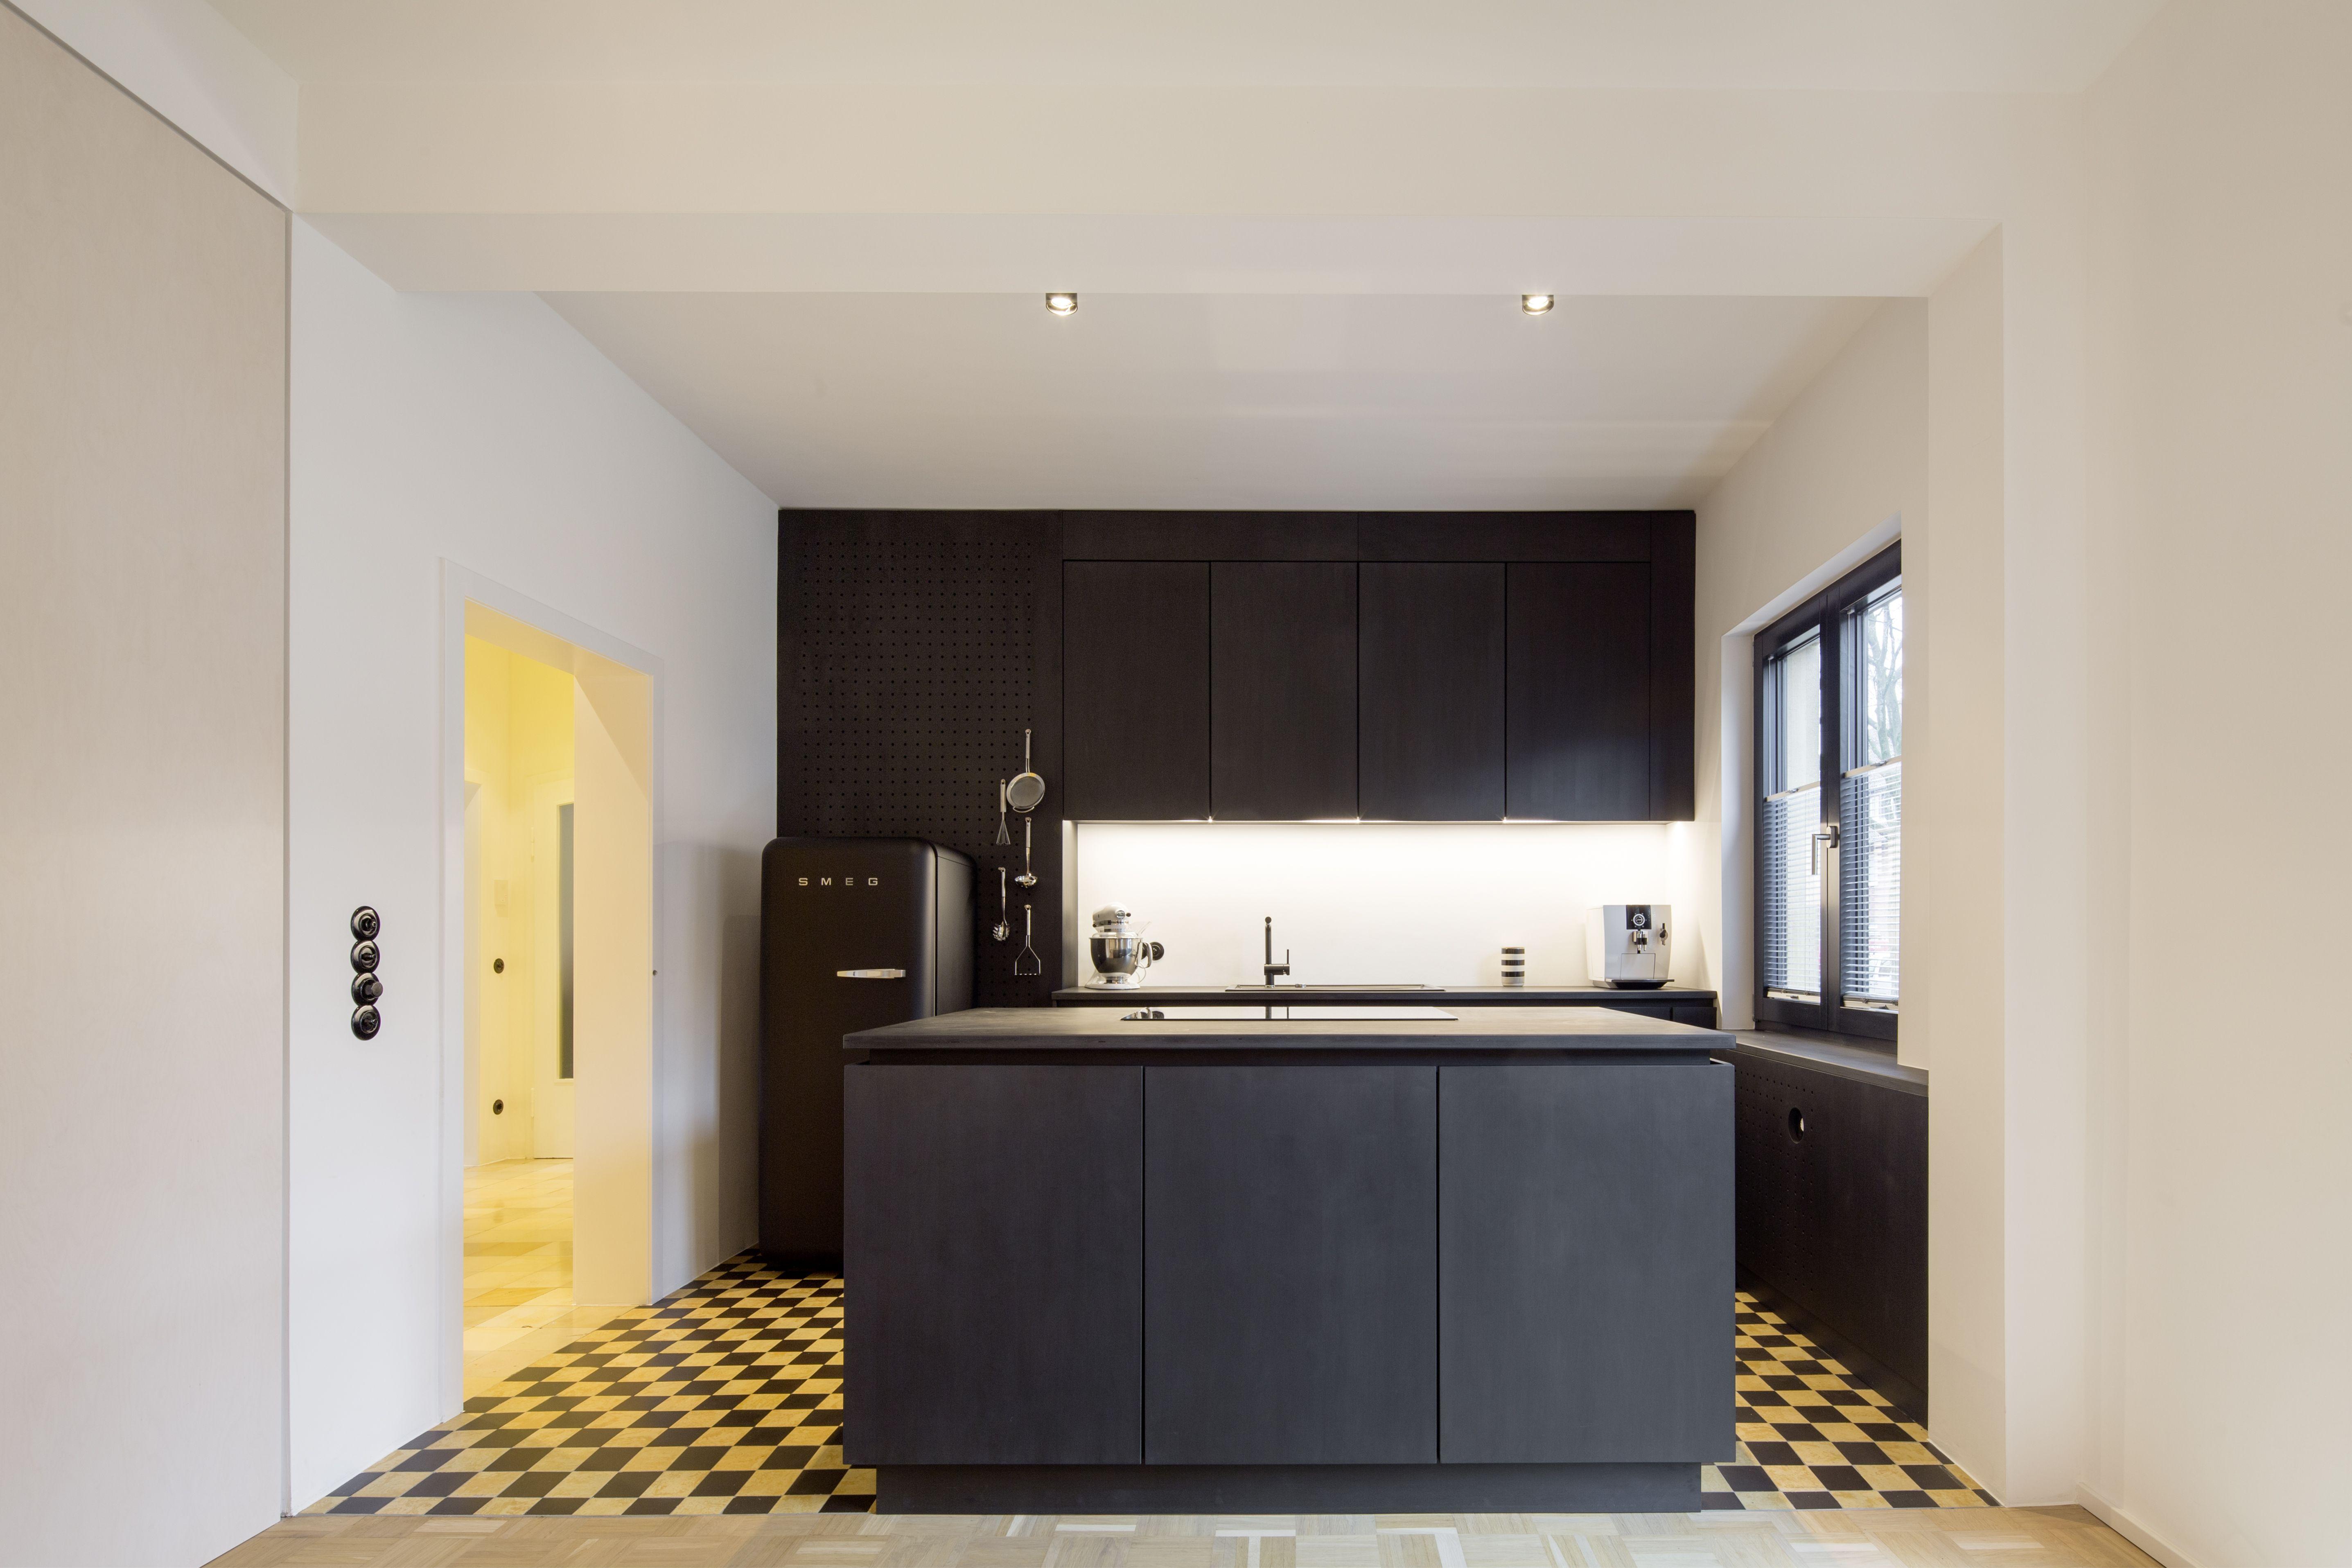 Innenarchitektur Münster haus k münster umbau und sanierung schwarze sperrholz küche